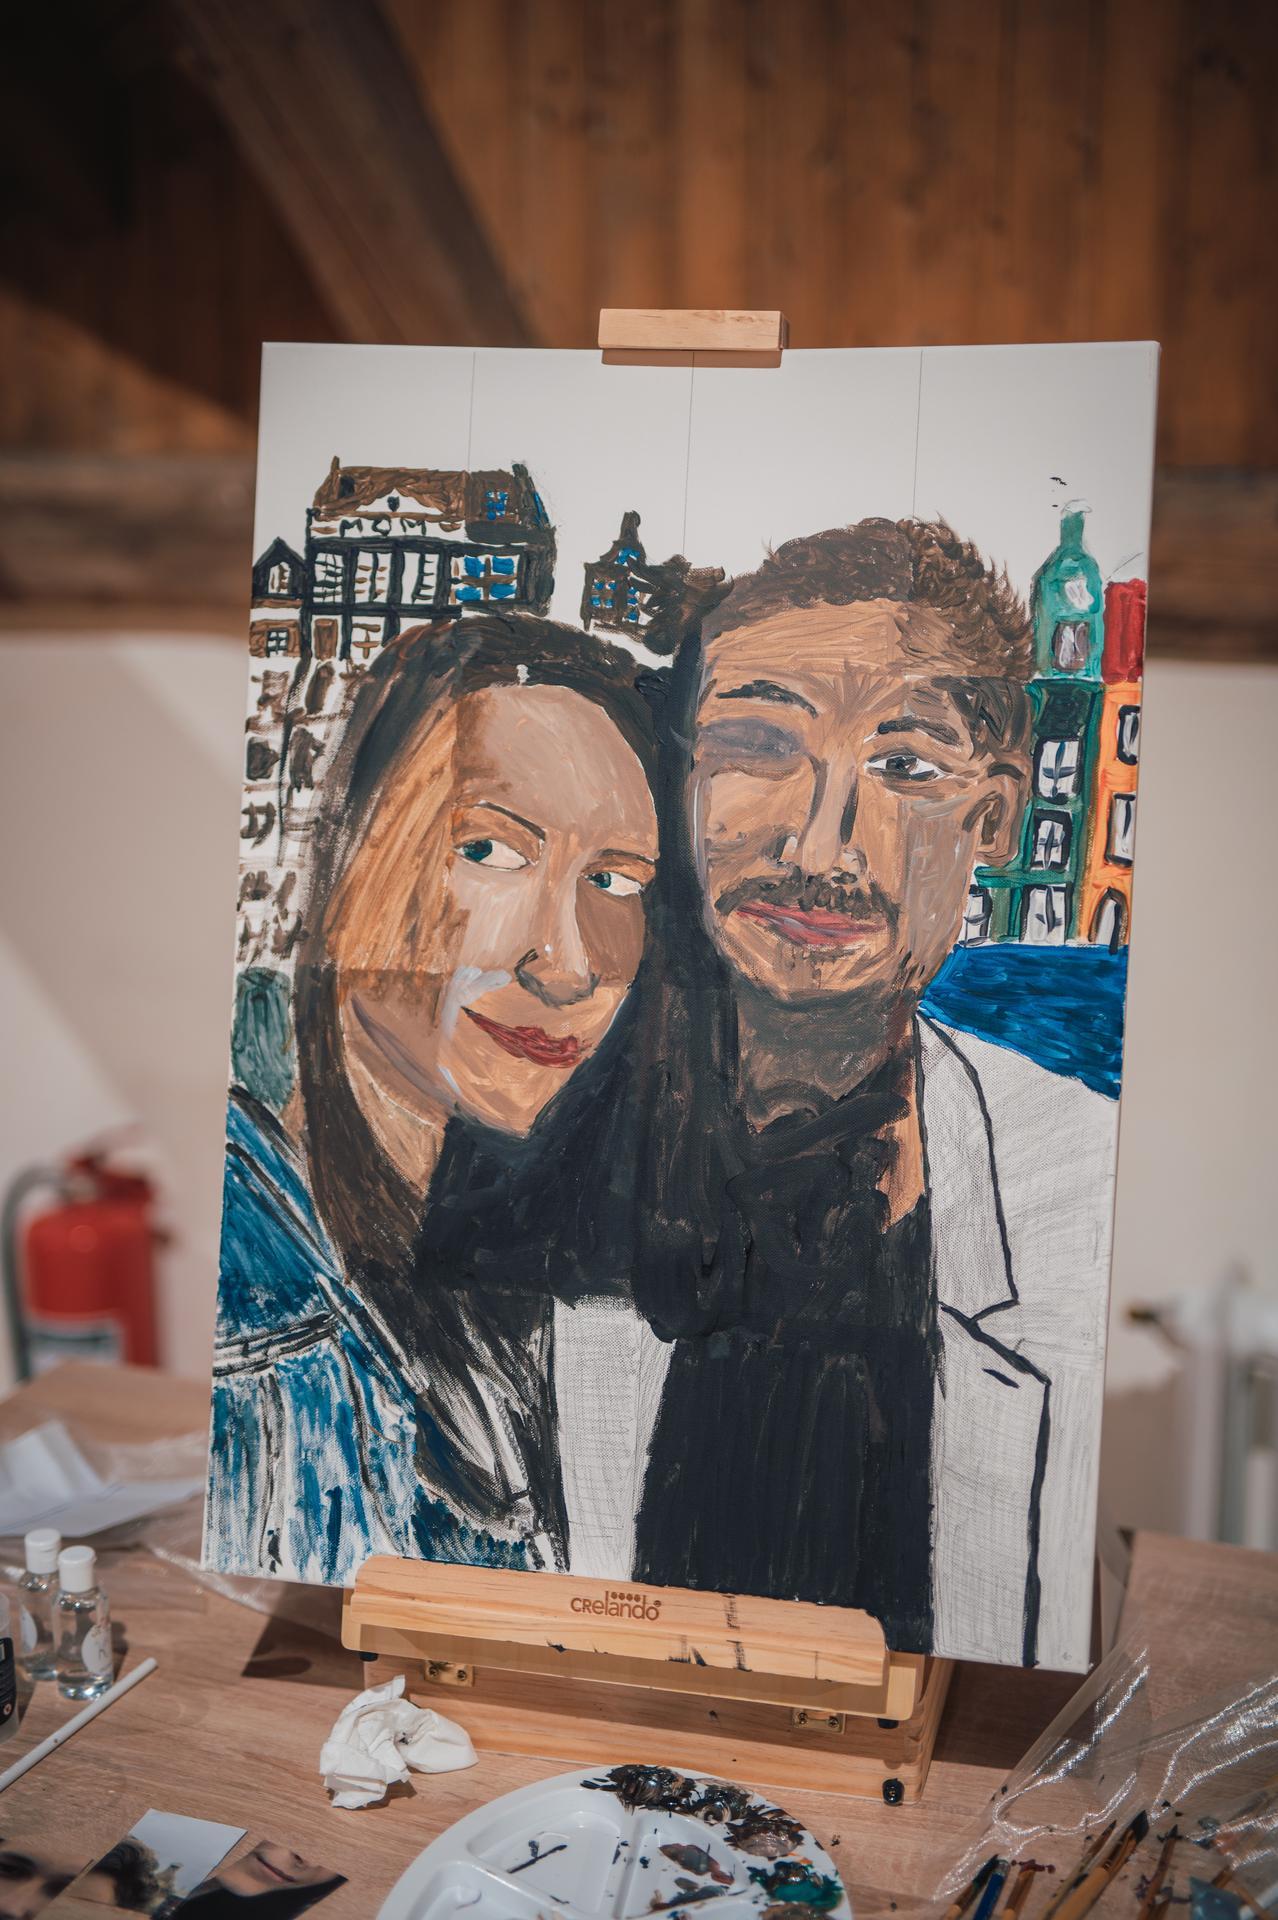 Naše další svatební fotografie - Překvapení od mých rodičů - někteří svatebčané dostali kousek společné fotky mě a manžela a měli za úkol svůj kousek překreslit na plátno :)